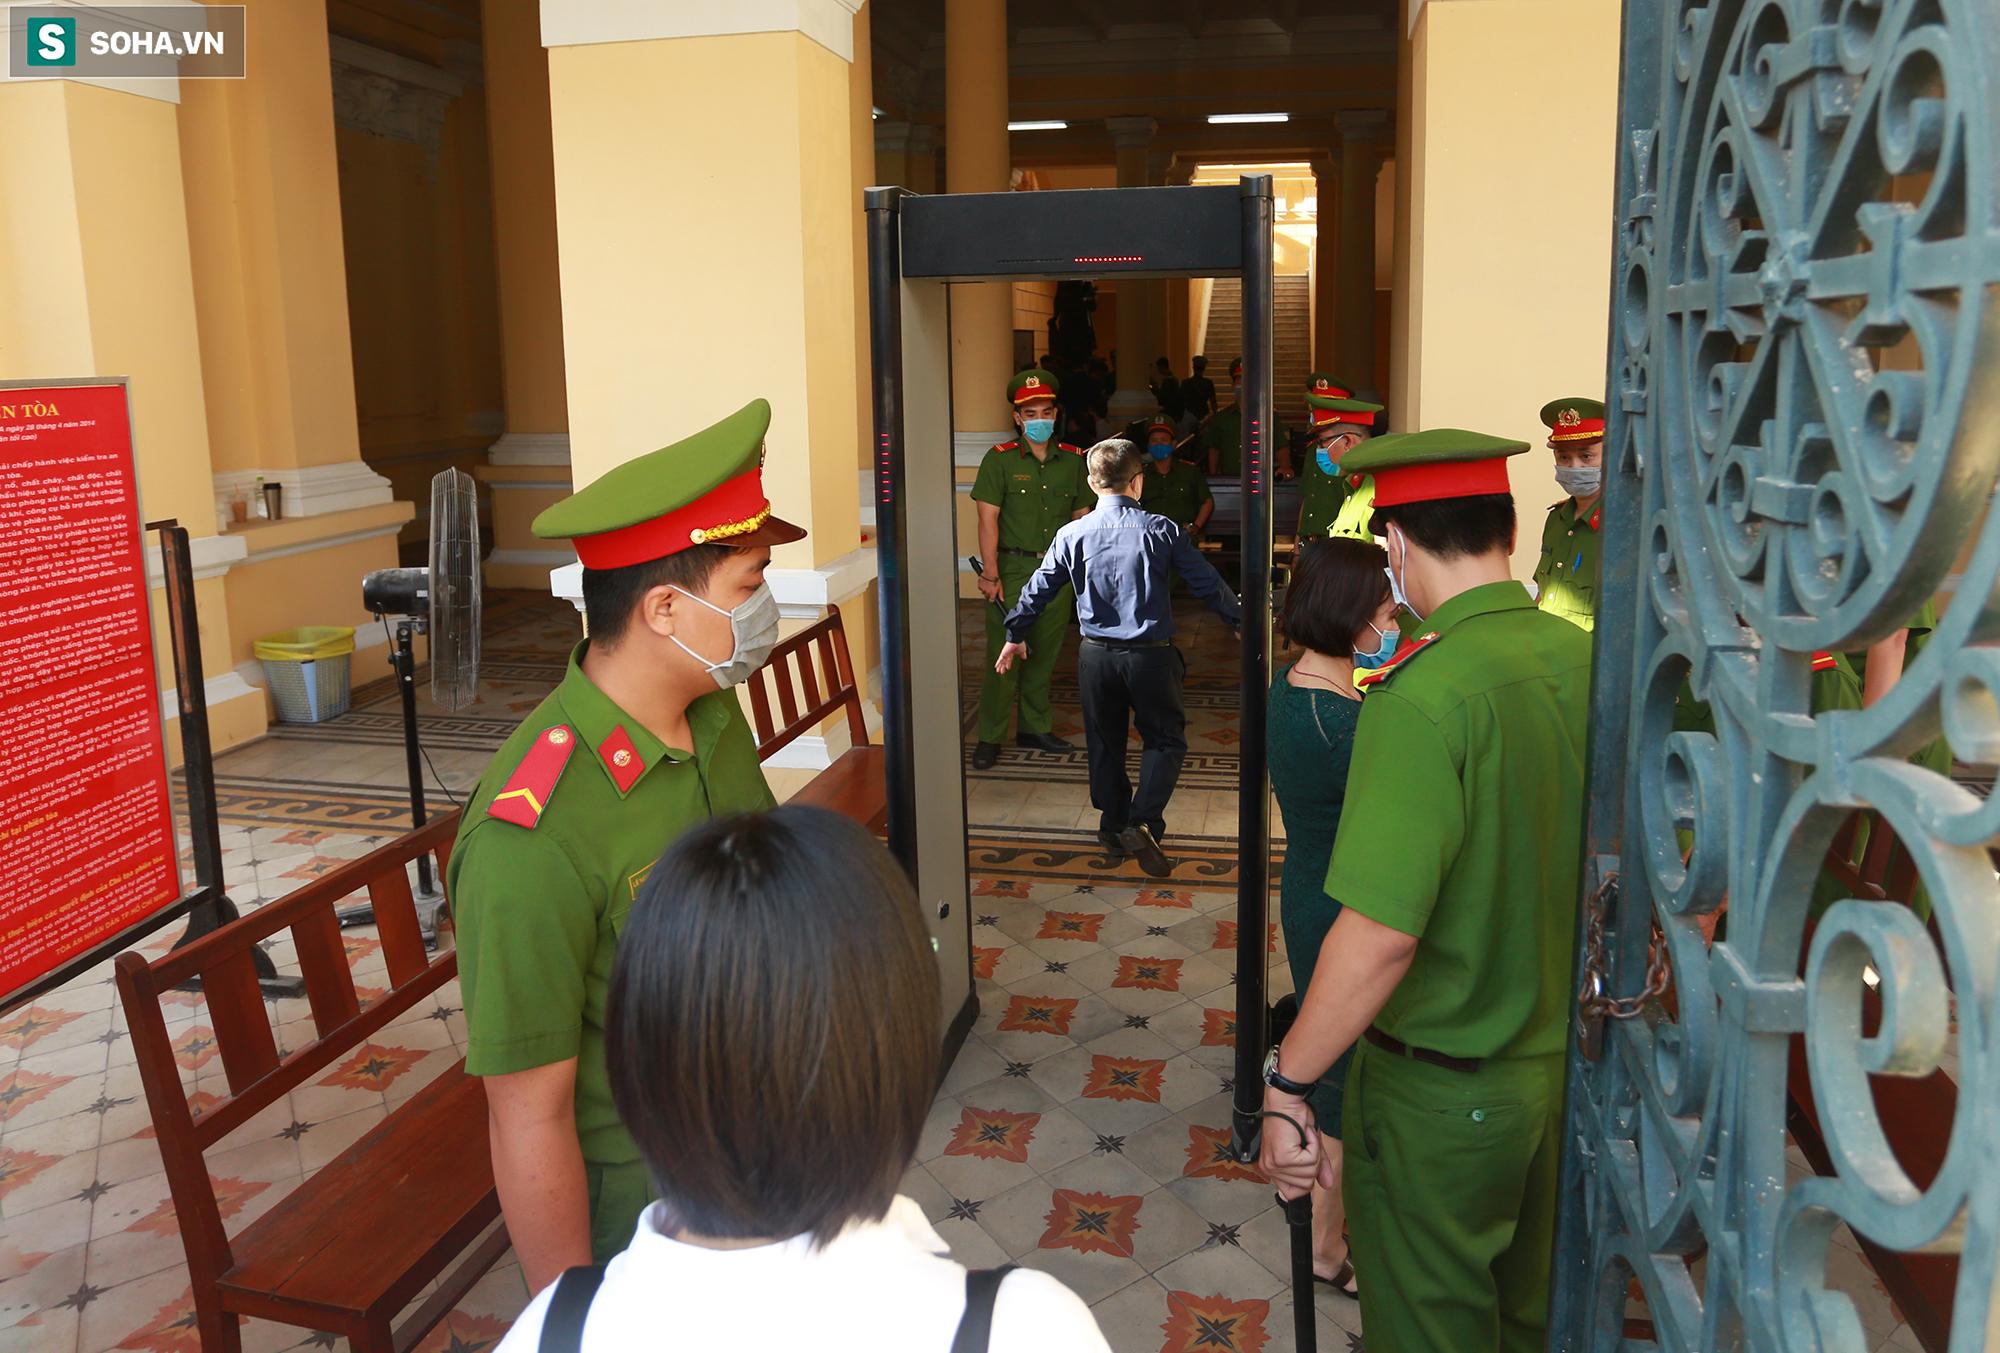 [Ảnh] Ông Đinh La Thăng đeo kính đen, bịt khẩu trang kín mít được áp giải tới toà cùng 18 bị cáo vụ cao tốc Trung Lương - Ảnh 12.